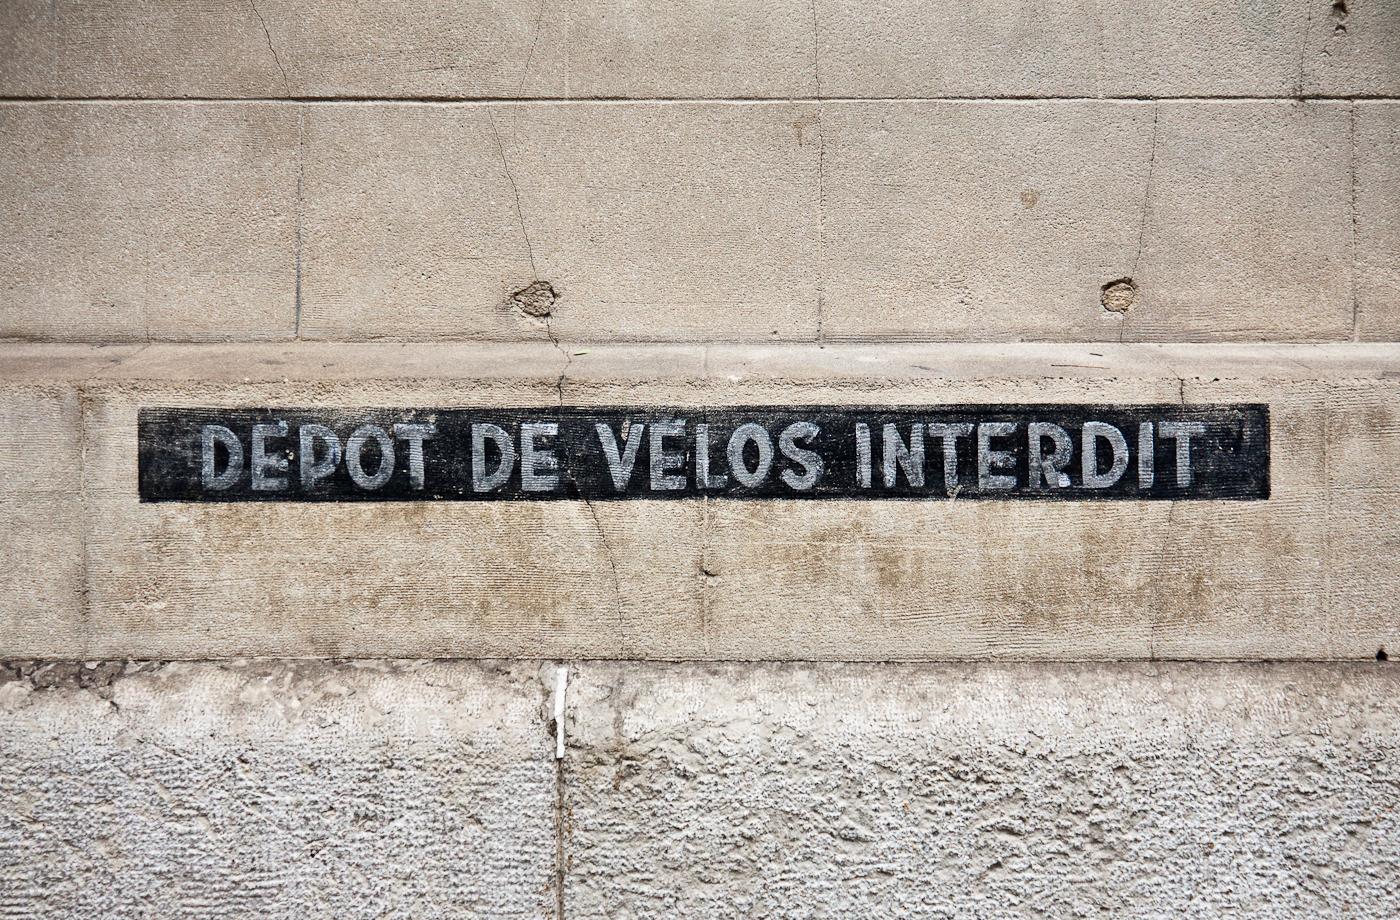 Depot De Velos Interdit